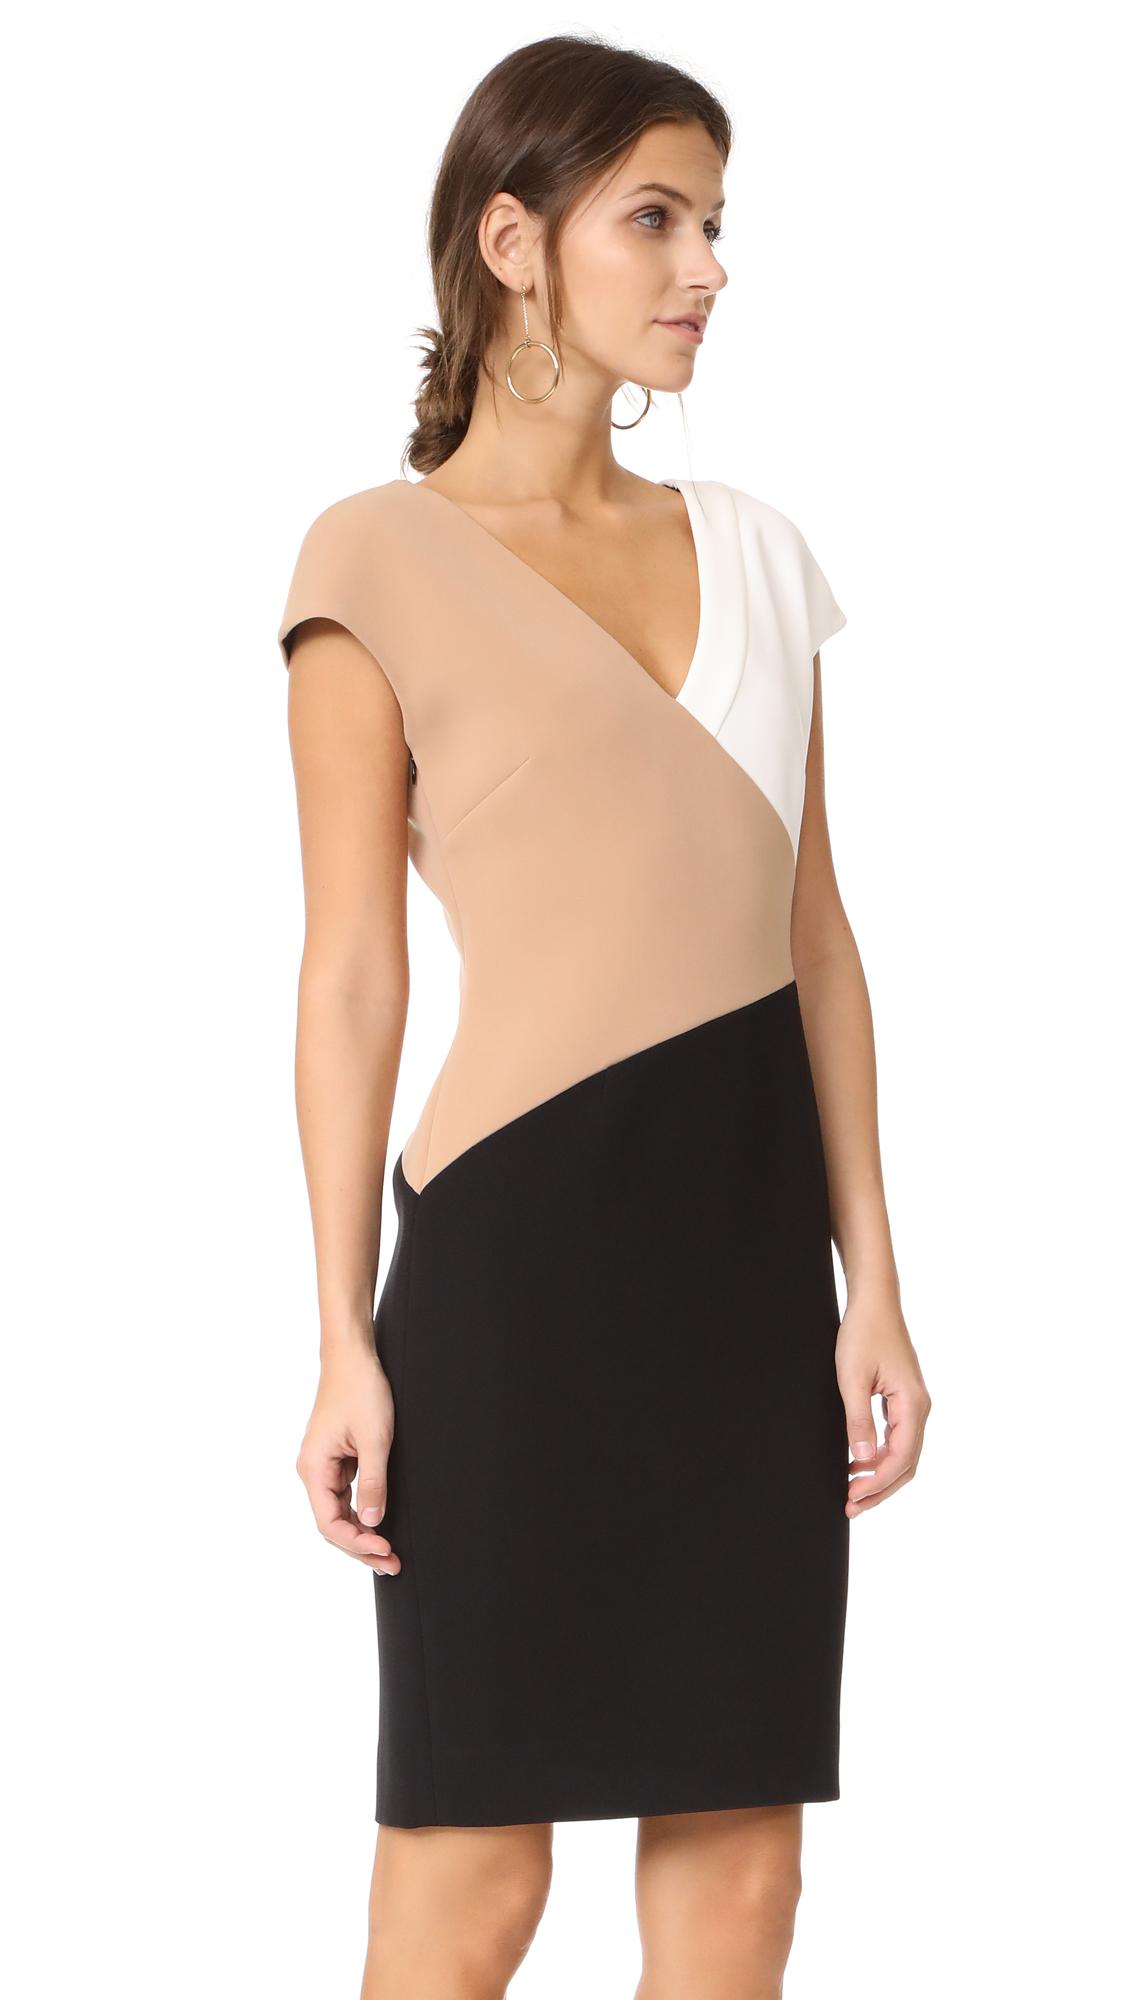 687431bc0b8d18 Diane von Furstenberg V Neck Banded Dress